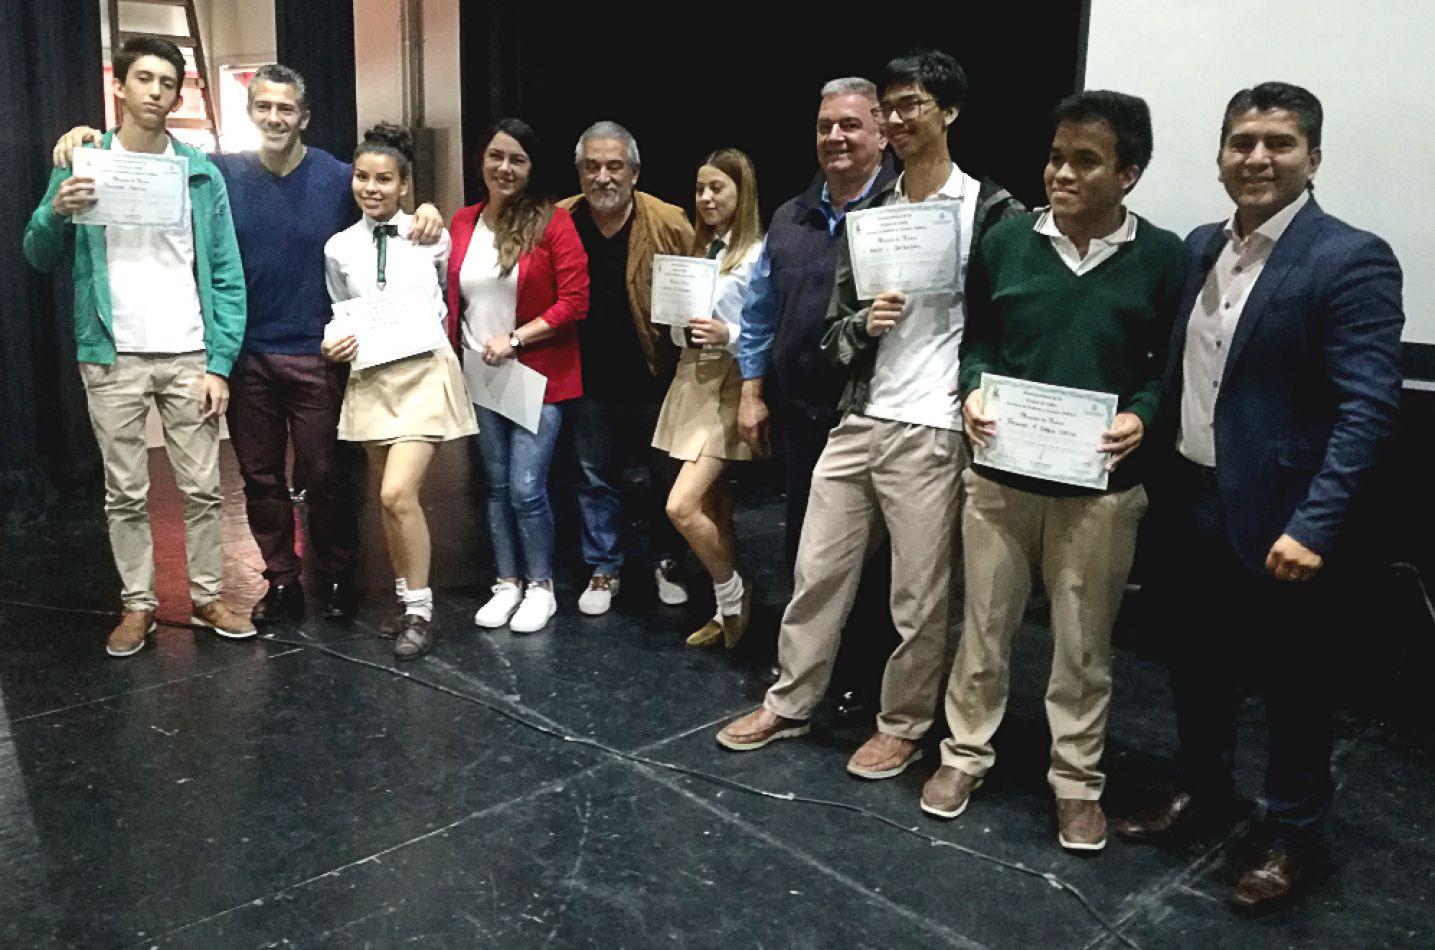 """Estudiantes fueron premiados en los talleres """"Jóvenes Unidos por el Ambiente"""""""